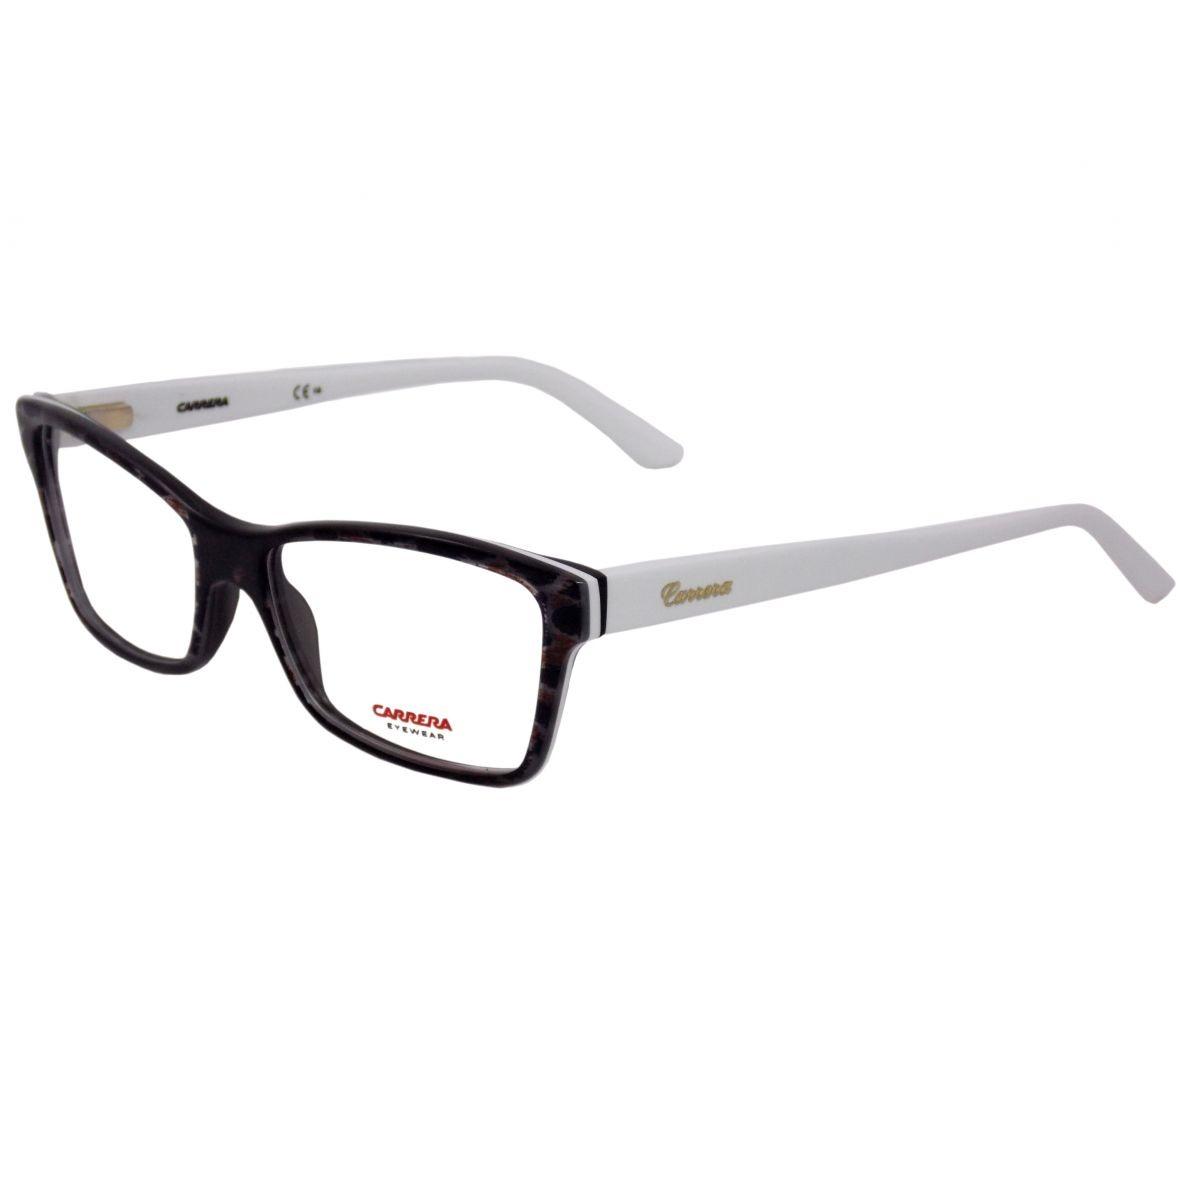 6a51f0944 óculos de grau feminino carrera original ca6188 8c6 tam.53. Carregando zoom.